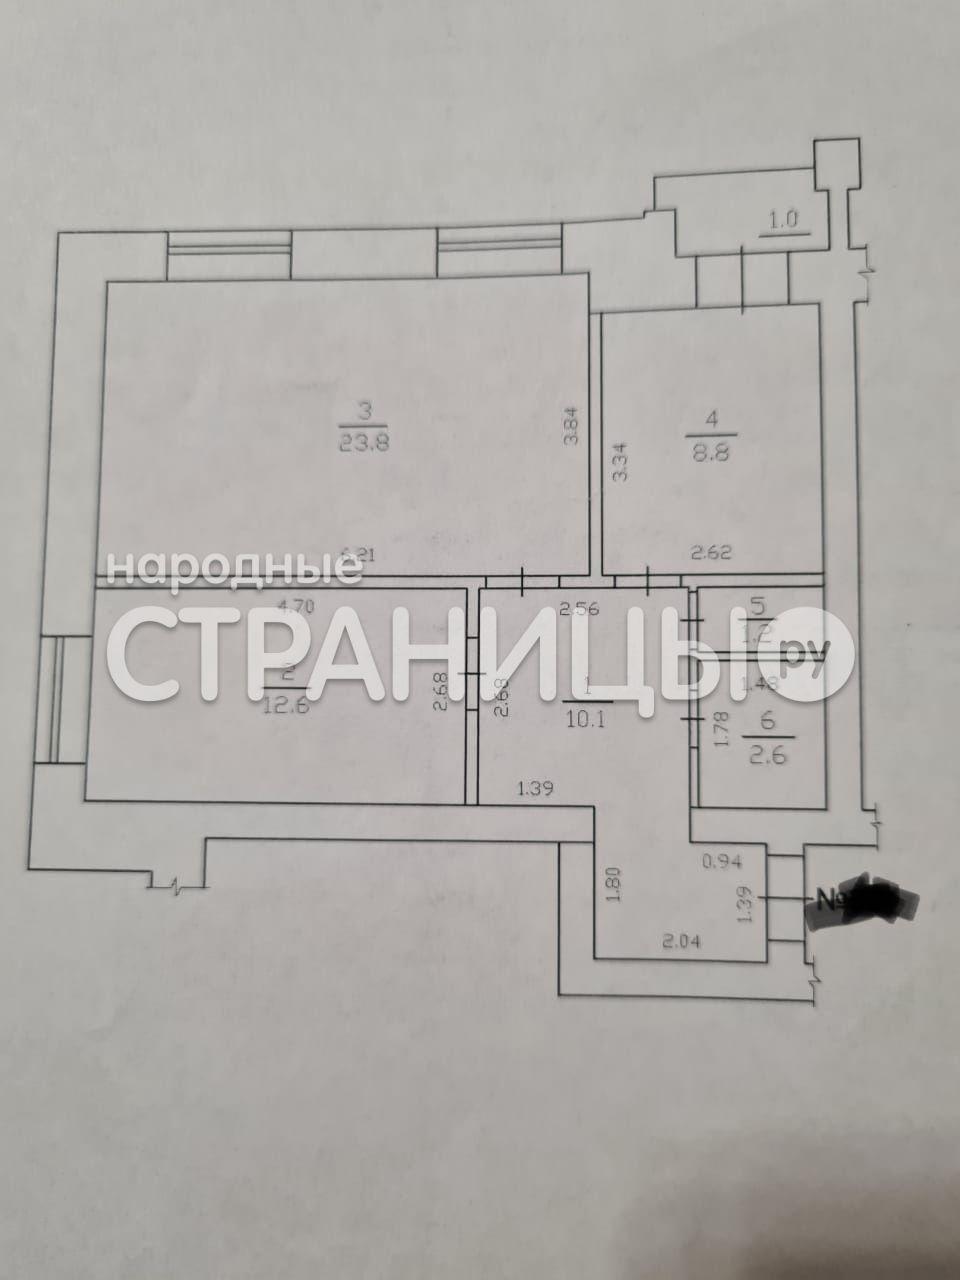 2-комнатная квартира, 62.0 м²,  7/9 эт. Кирпичный дом, Вторичное жилье